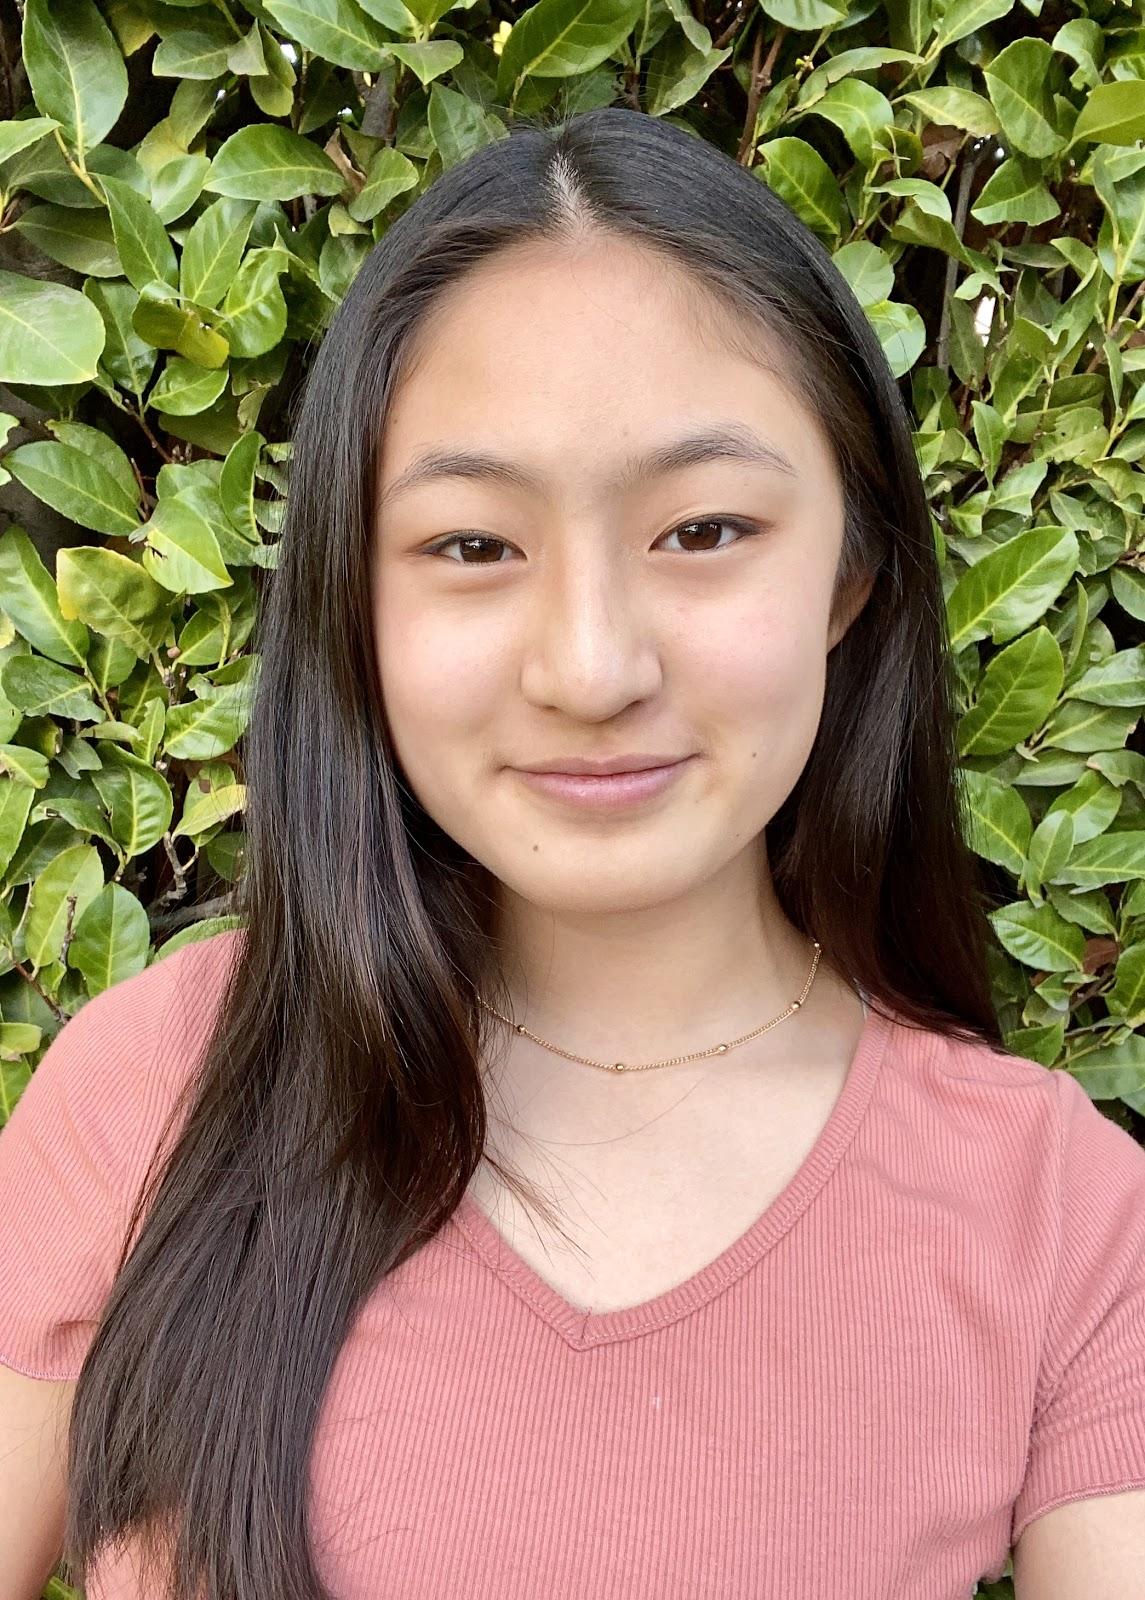 A headshot of Olivia Chiang.